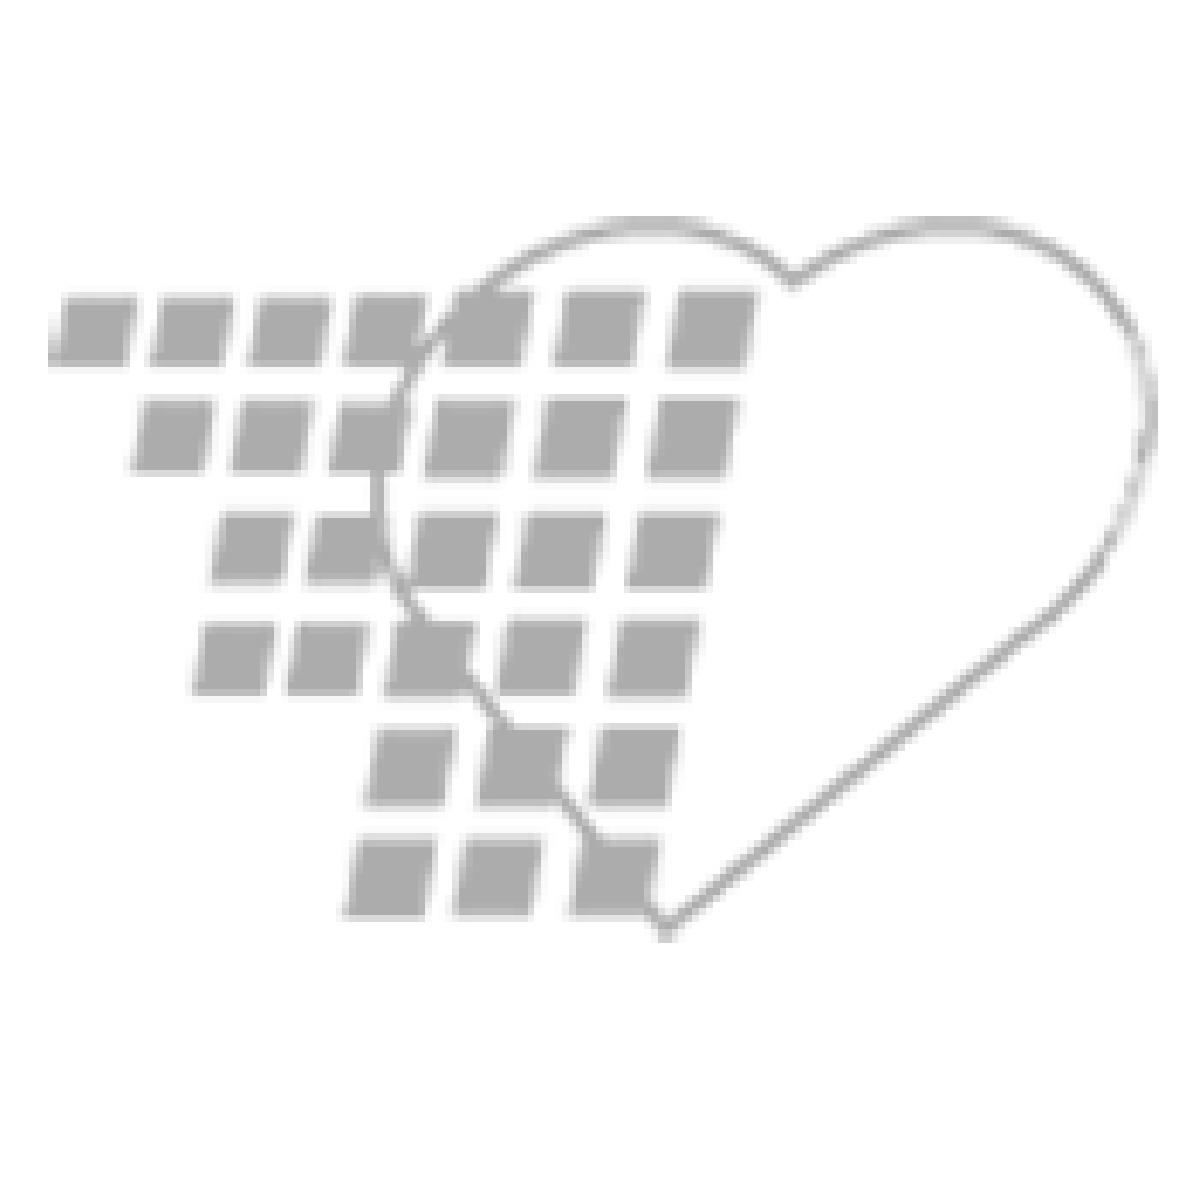 06-54-1266 Hospira Primary IV Set